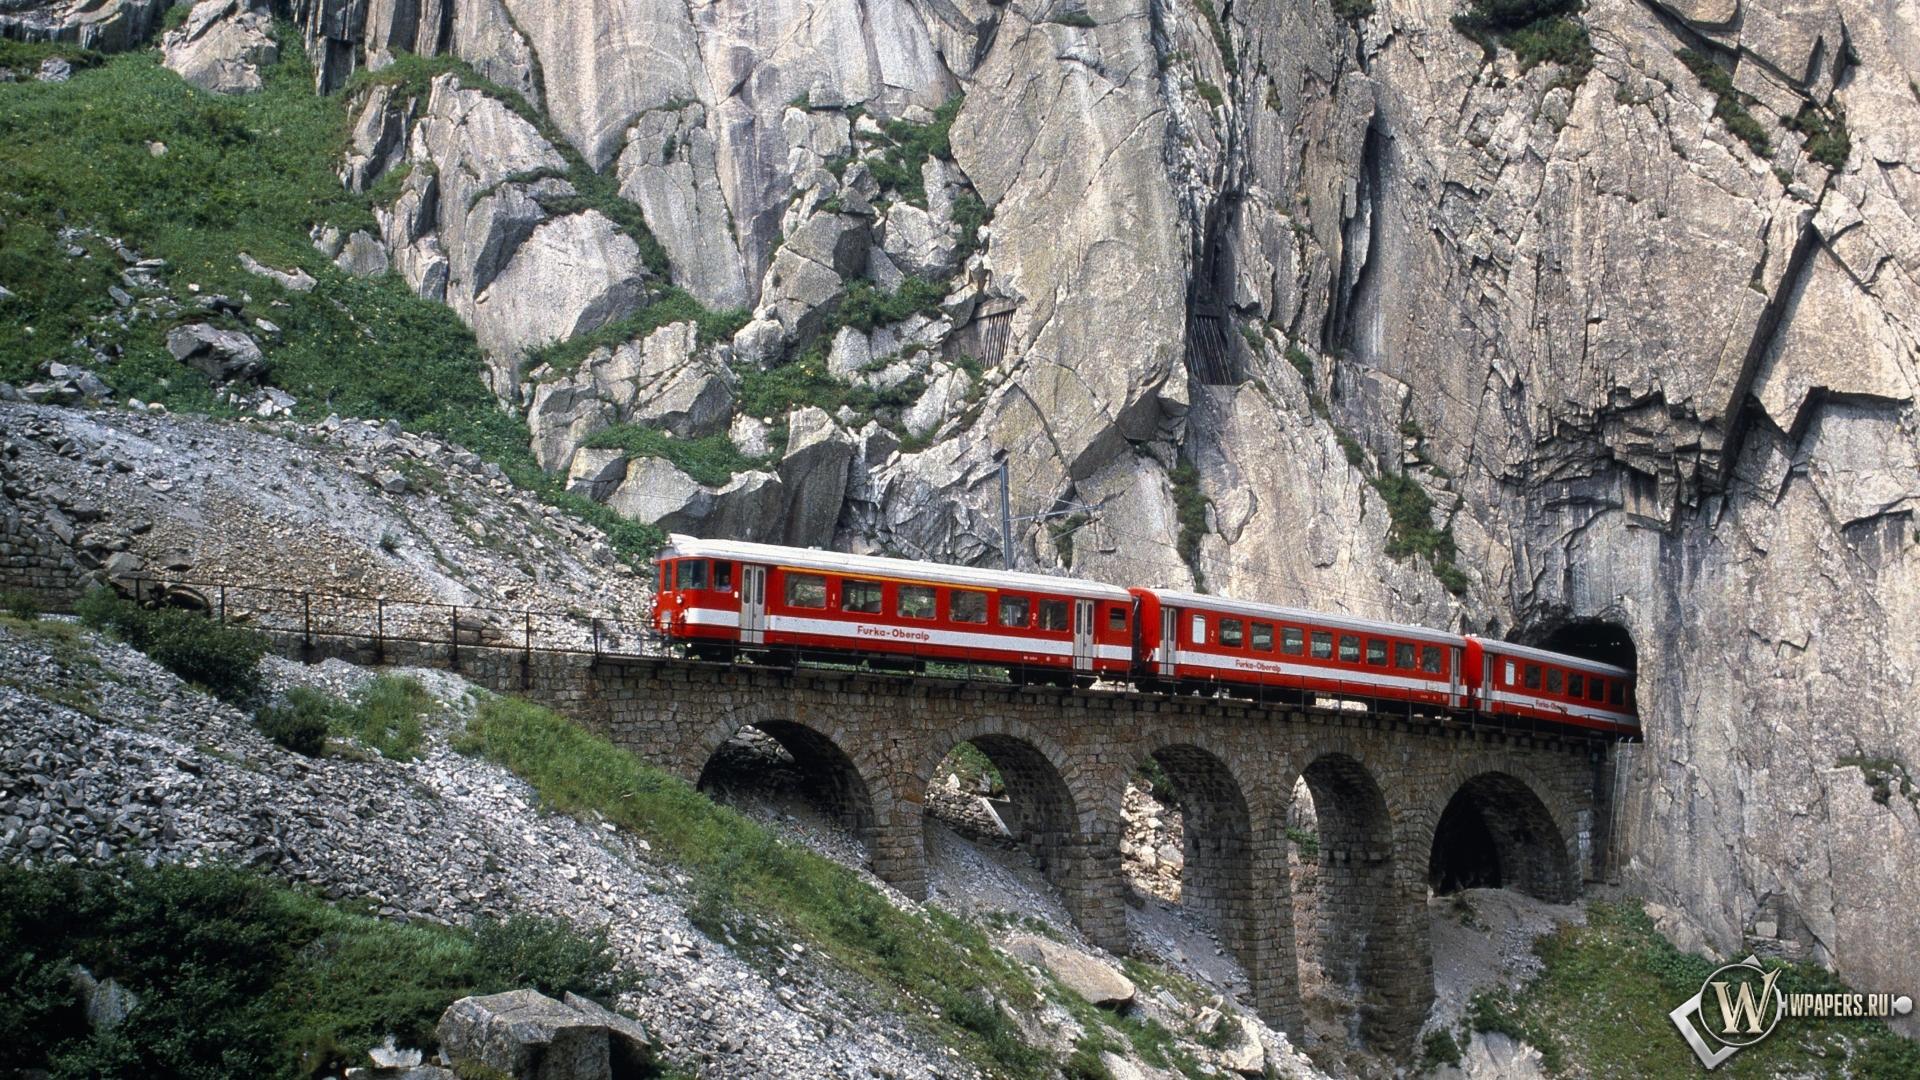 Железная дорога в Швейцарии 1920x1080